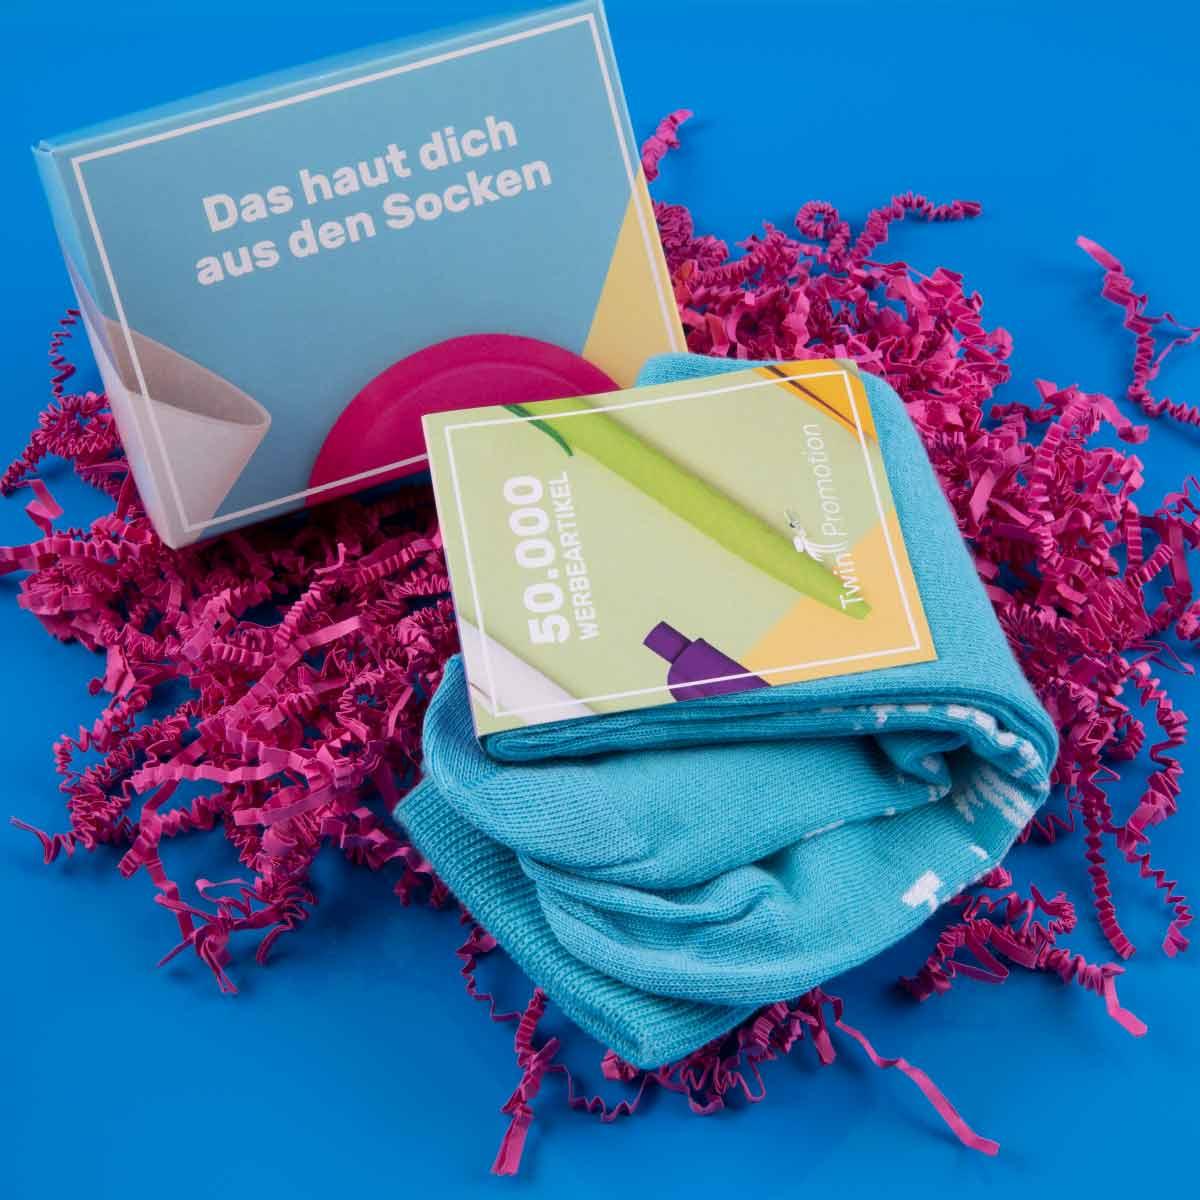 Twin-Promotion-Socken-blau